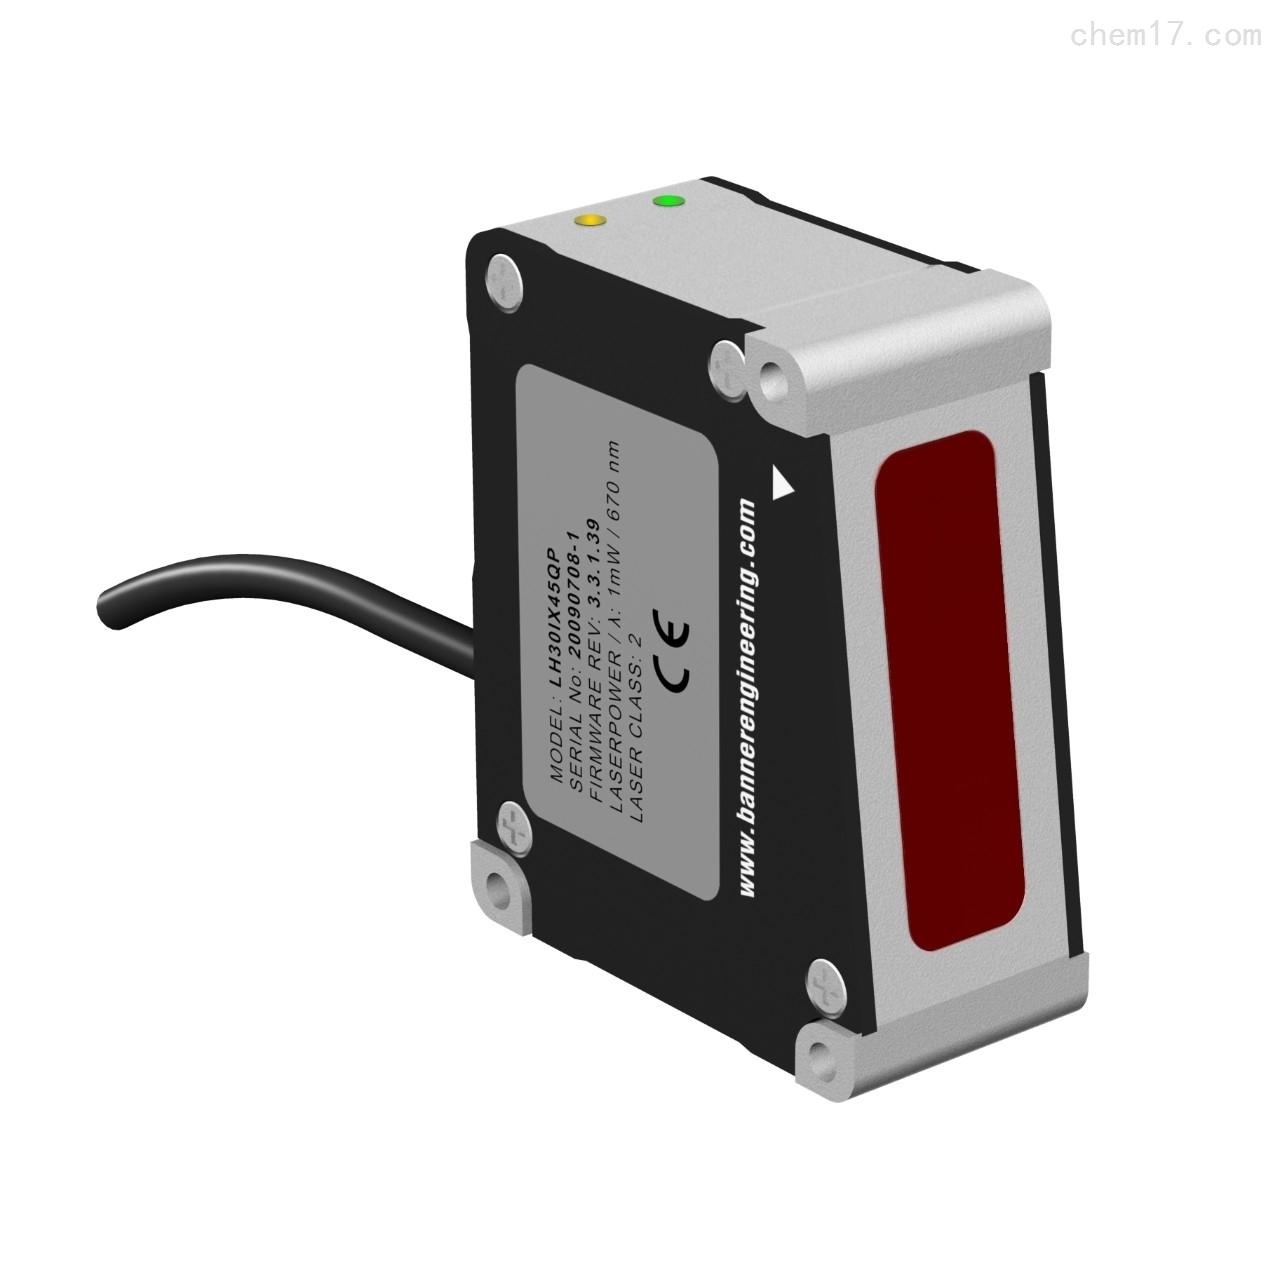 美国邦纳BANNER高精度激光测量传感器